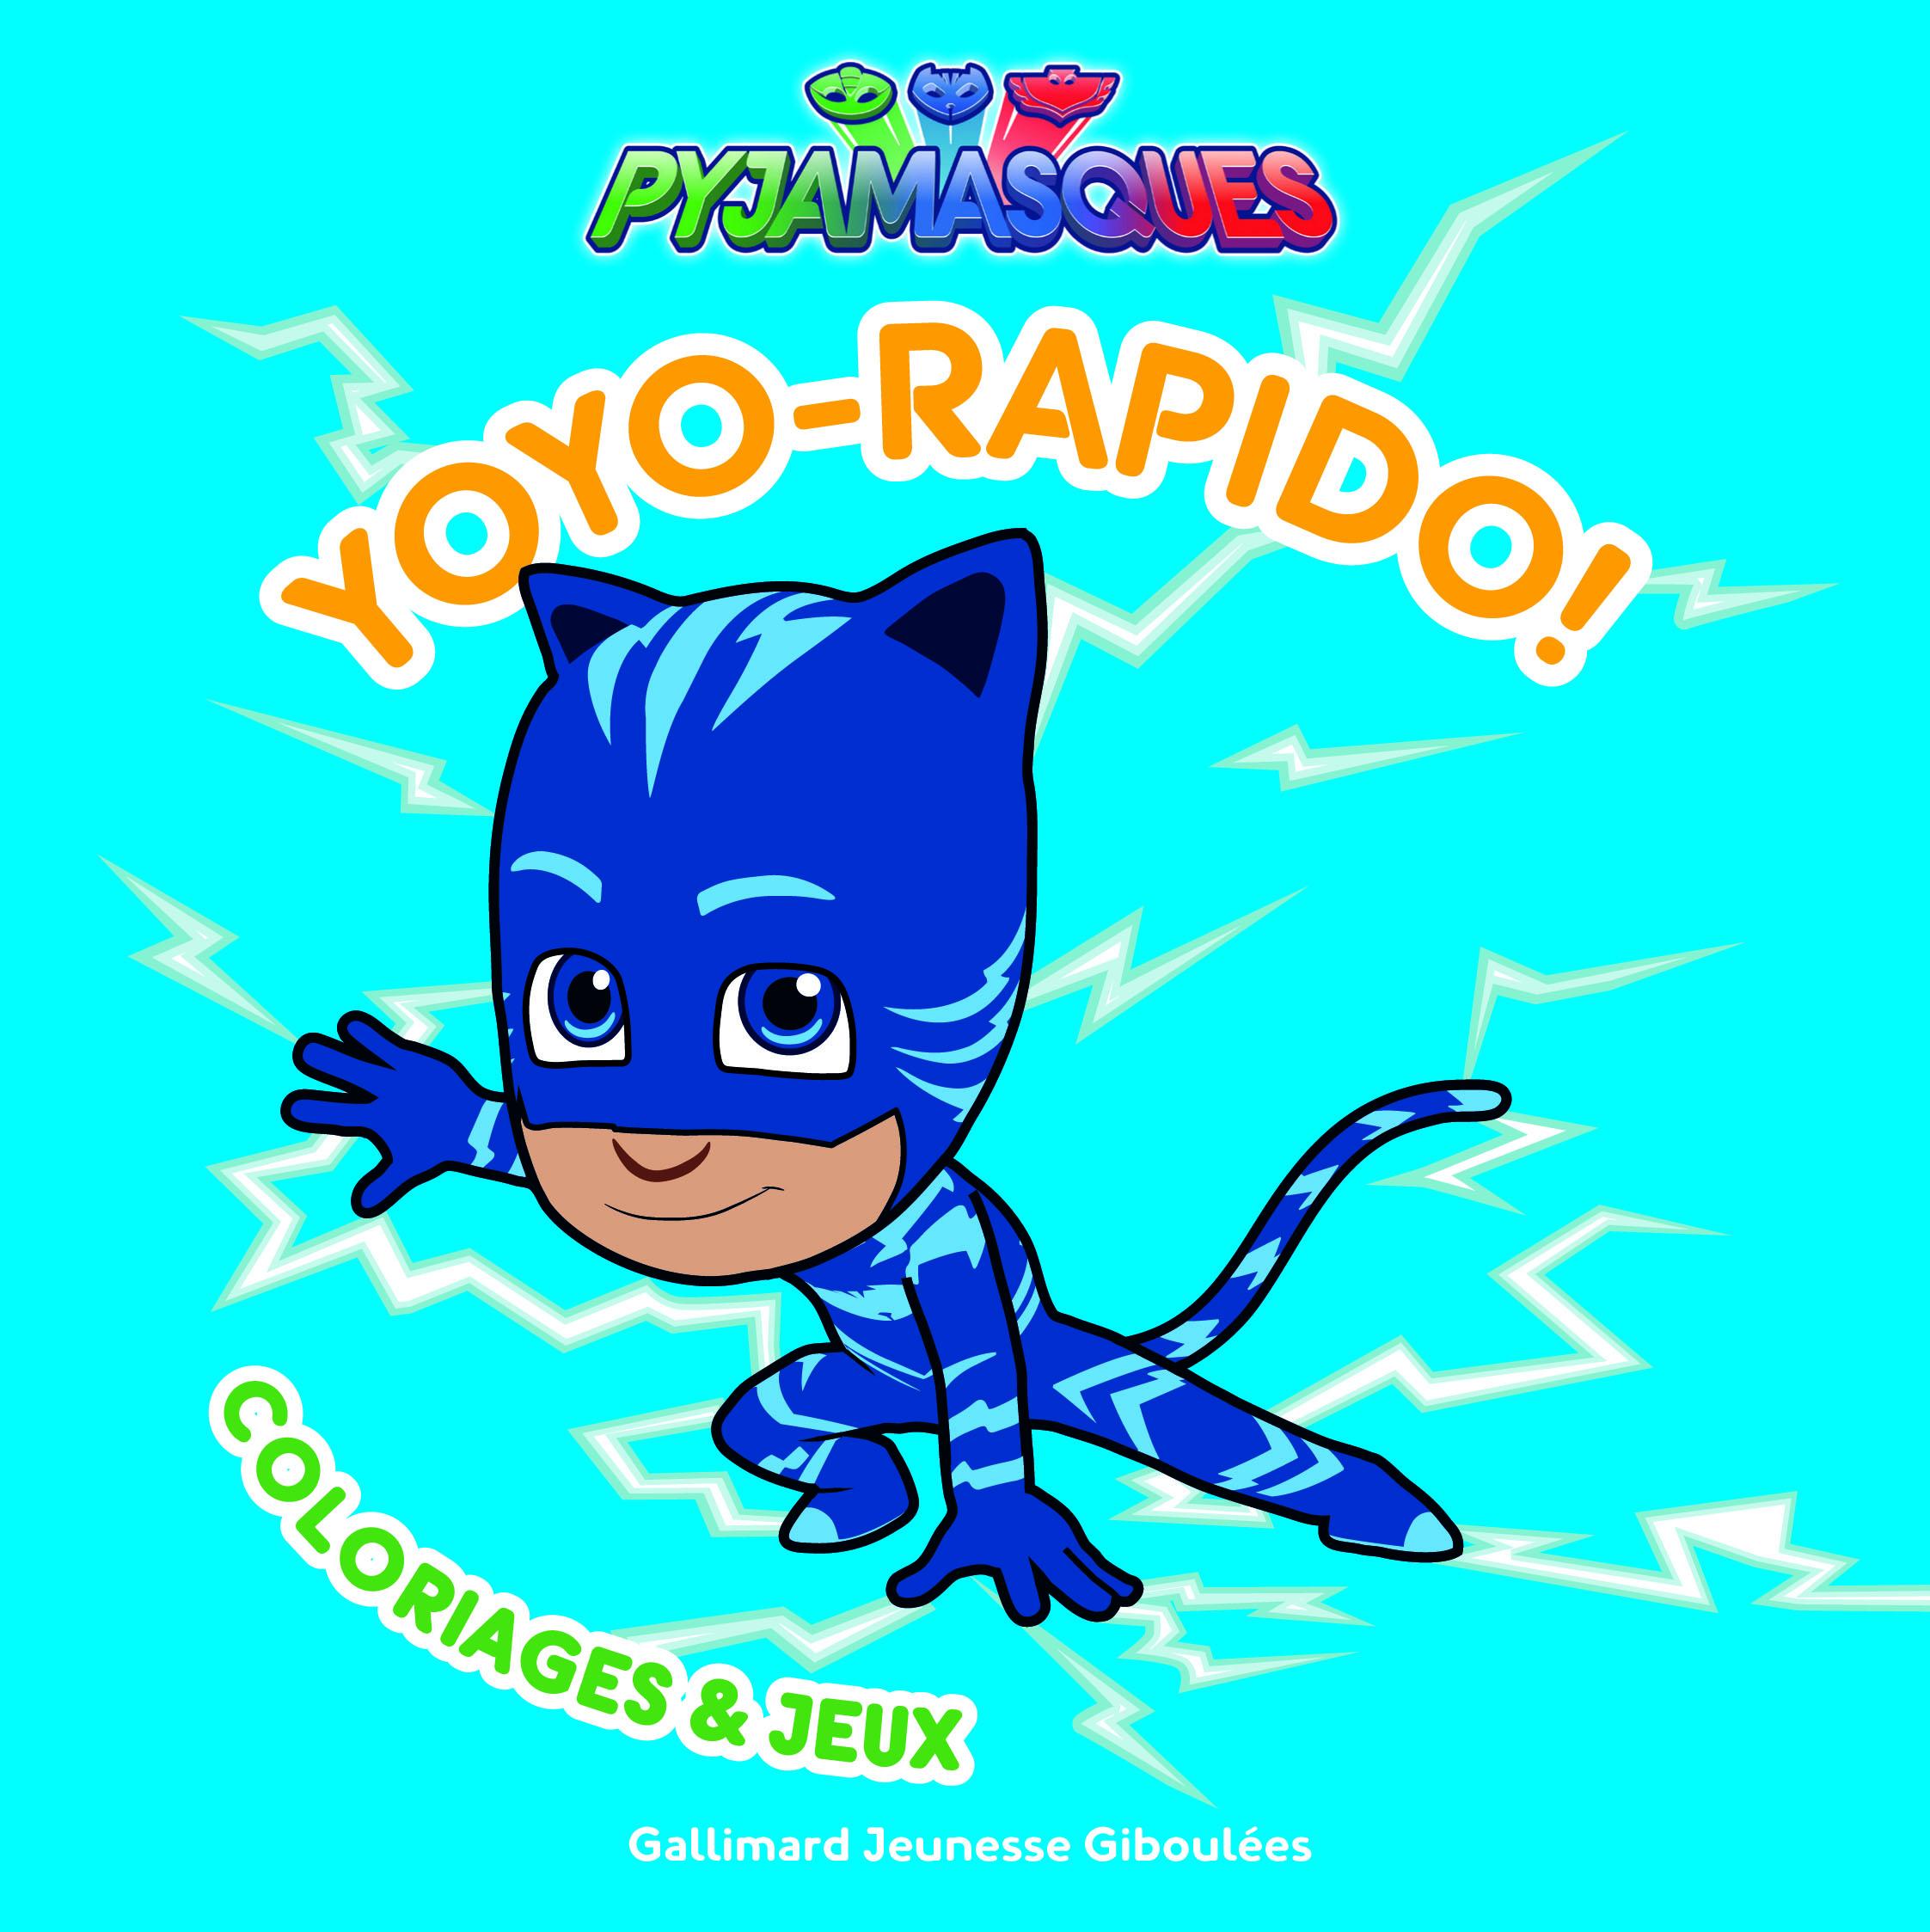 Yoyo-Rapido Coloriages & Jeux